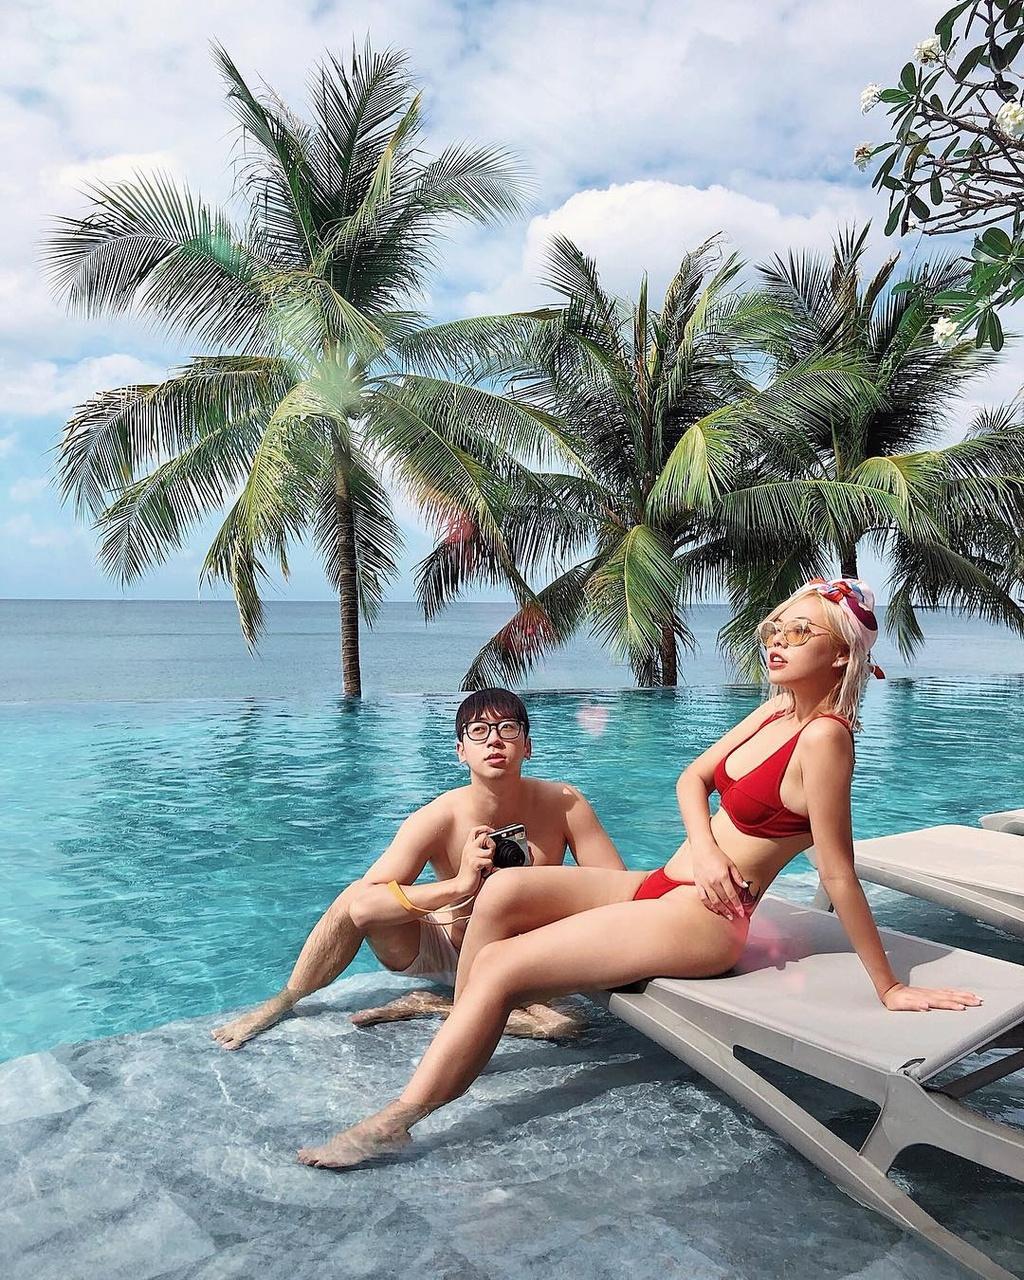 4 resort co ho boi dep tai Phu Quoc hinh anh 7  - 46305319_2078520598876139_3814160416837748567_n - 4 resort có hồ bơi đẹp tại Phú Quốc